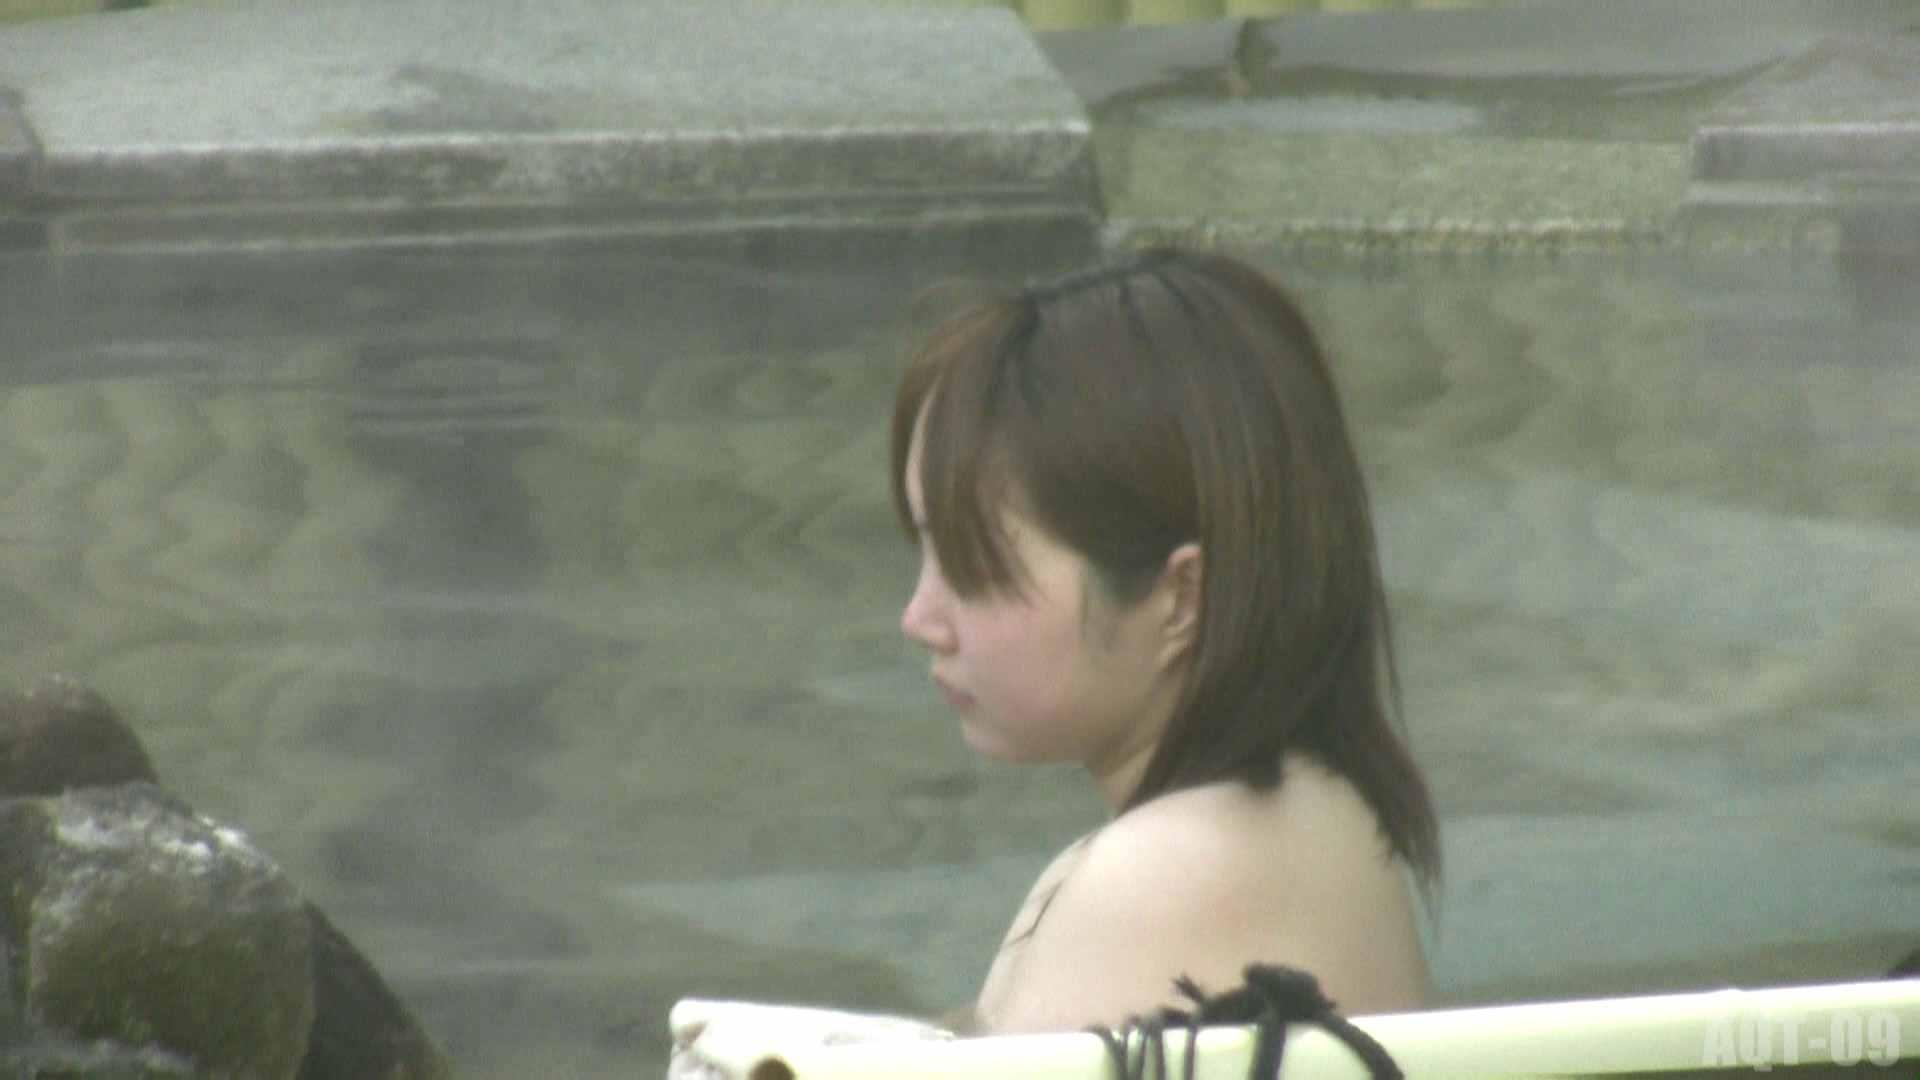 Aquaな露天風呂Vol.781 盗撮  110画像 42